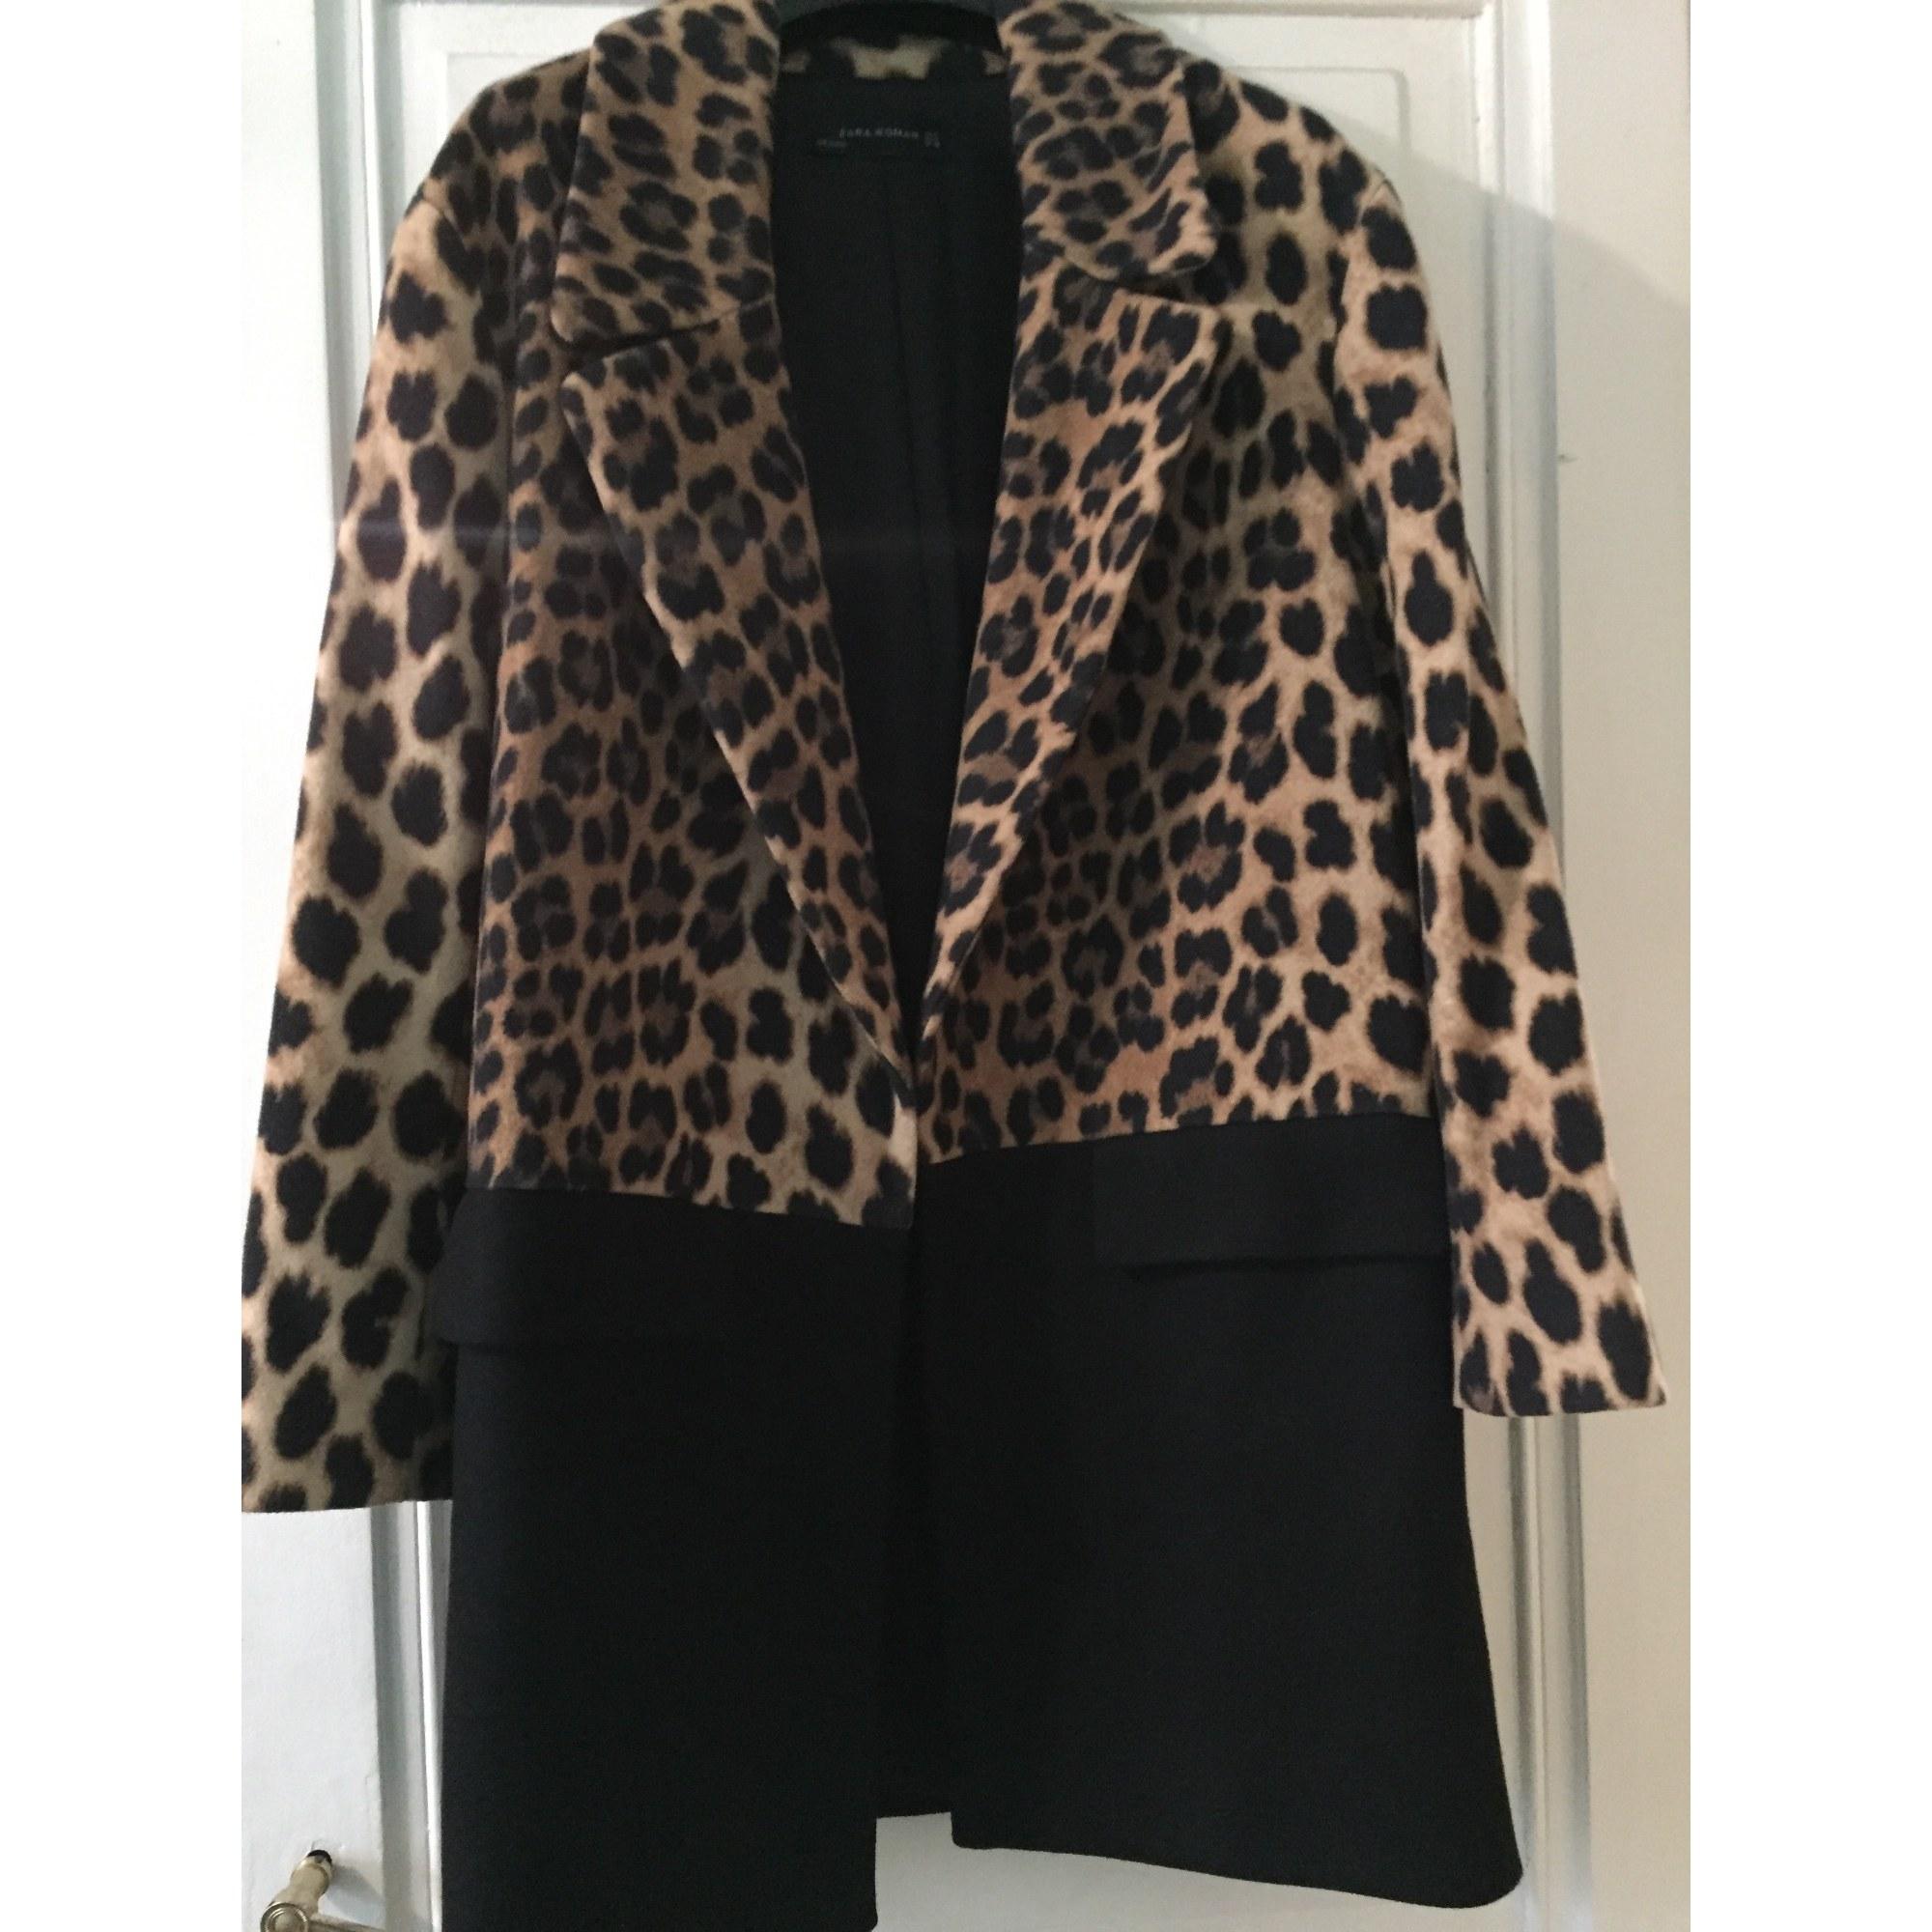 mode achats grande variété de modèles Manteau